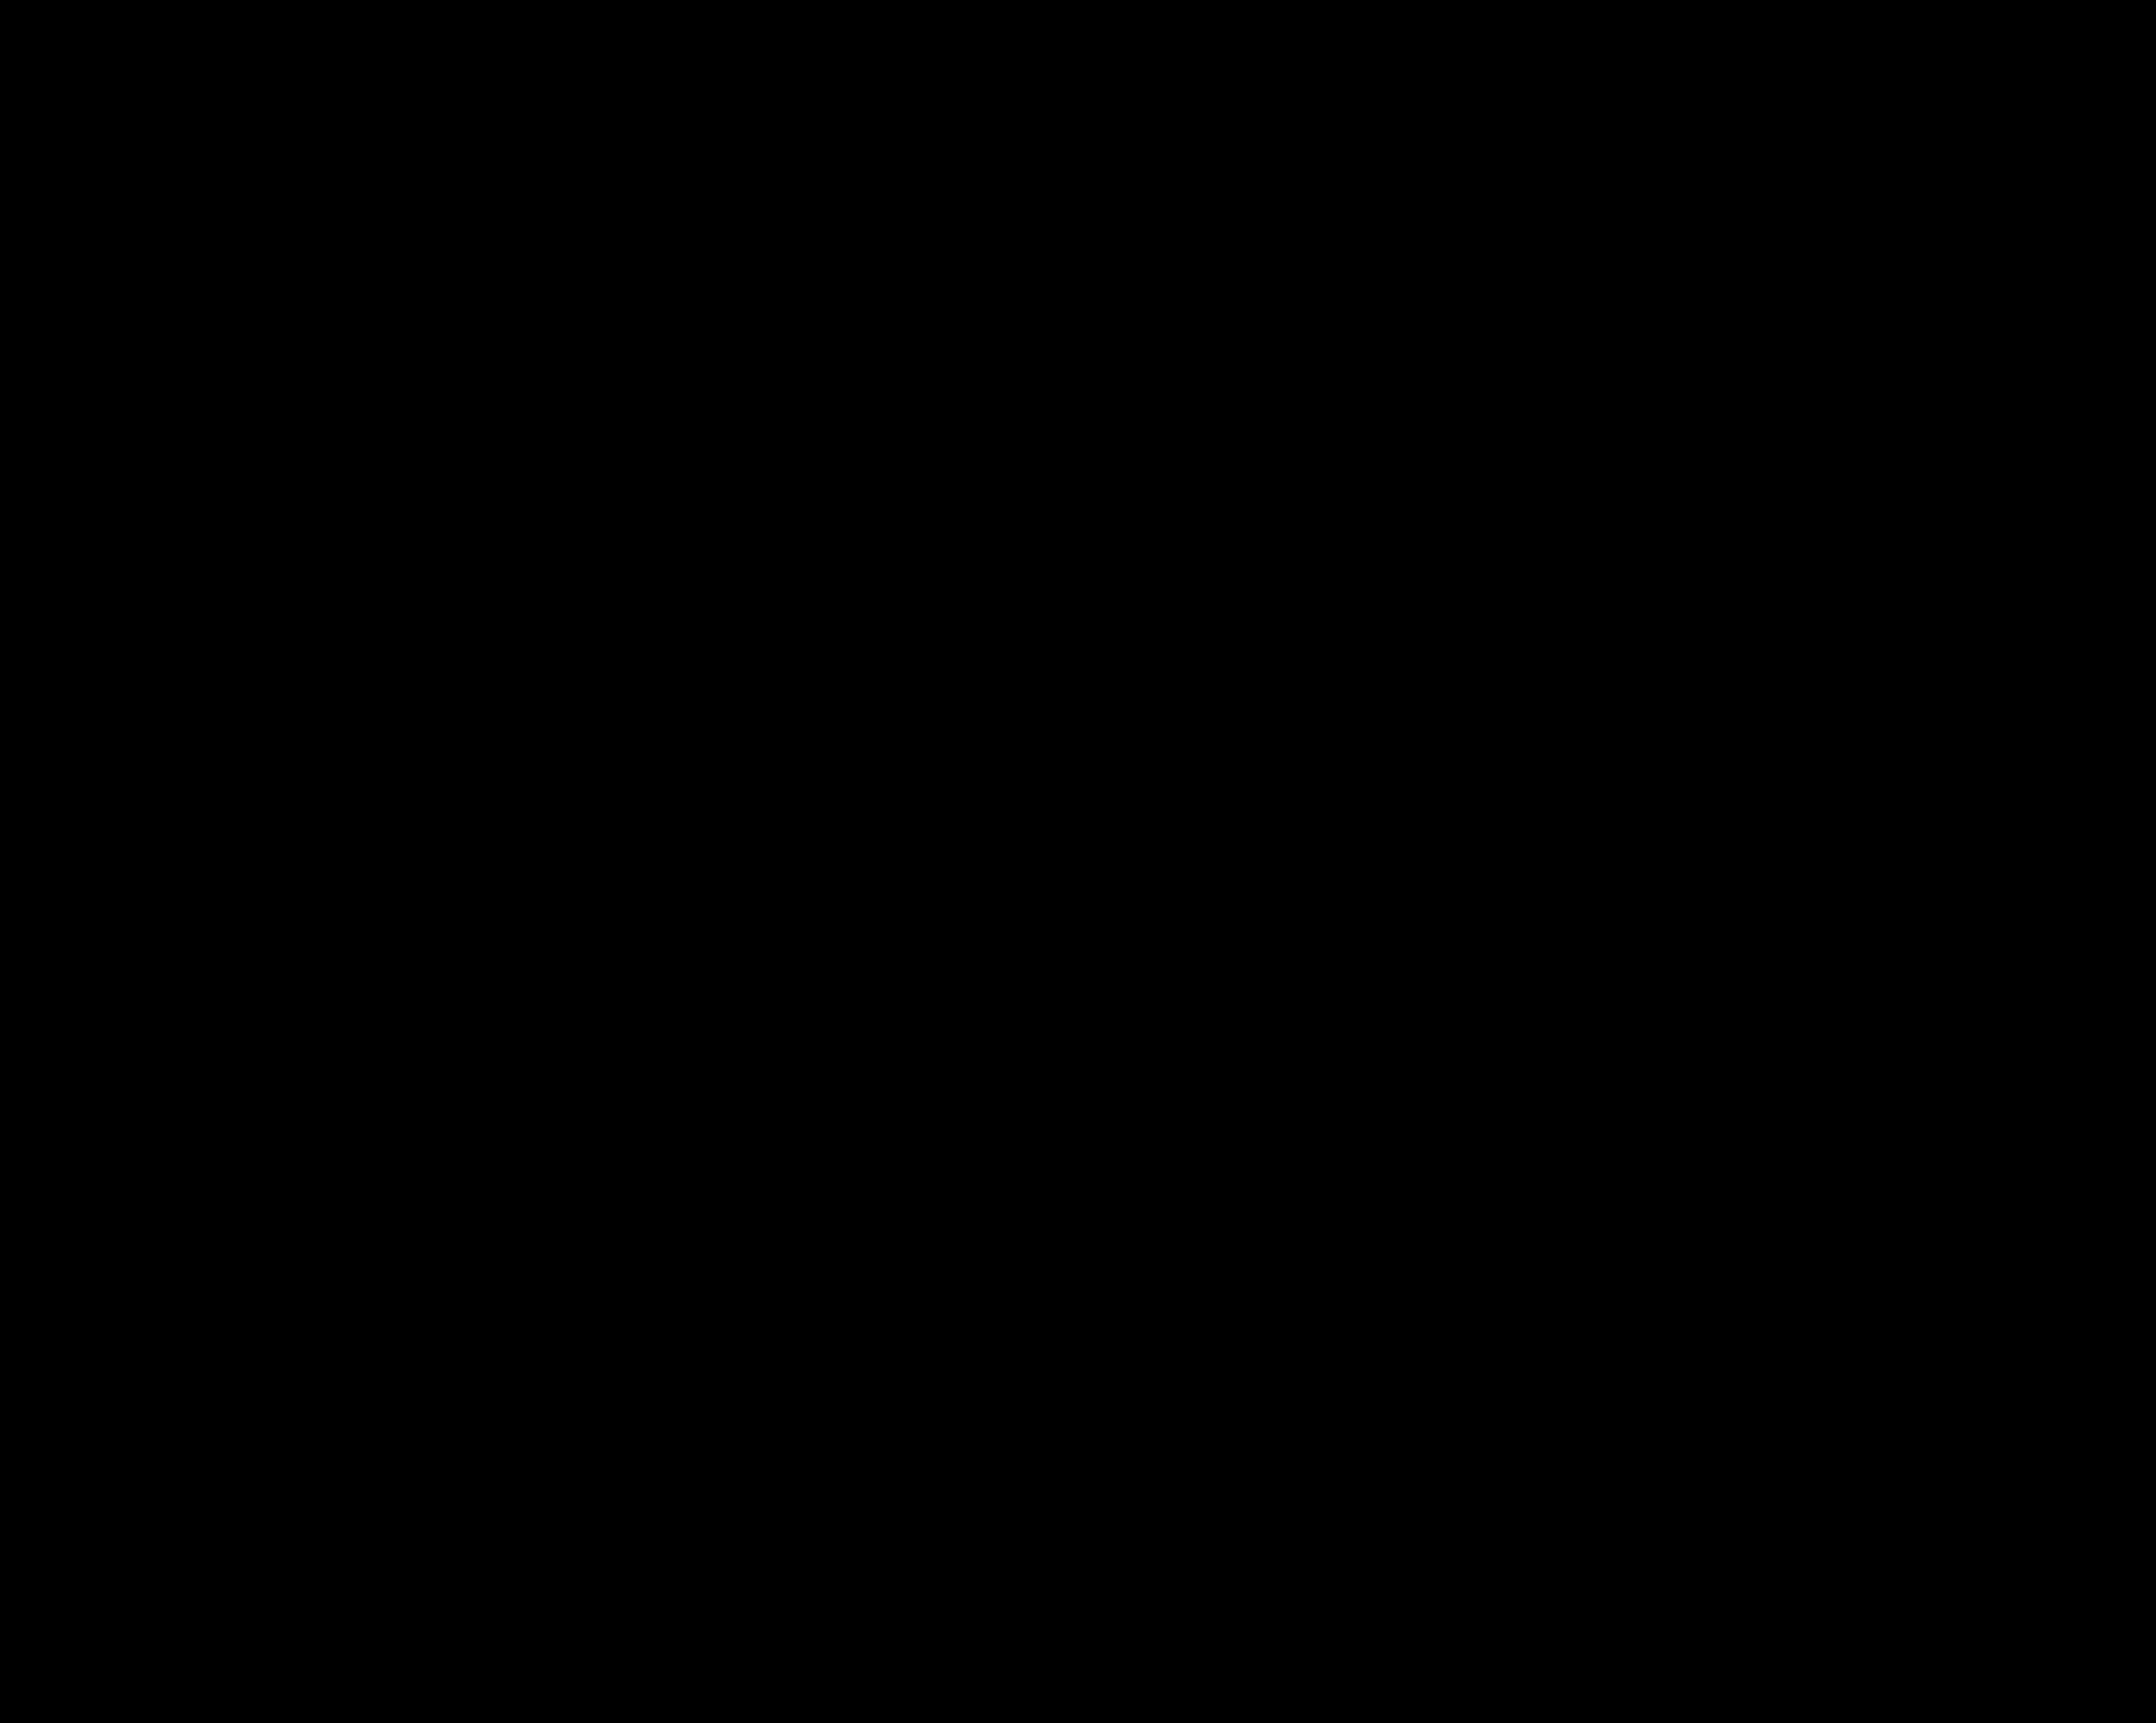 L' HEURE SCIENCE (AVEC CYRIL VERDET): LA SCIENCE A-T-ELLE A VOIR AVEC LA CROYANCE? – Vendredi 22 juin 2018 – 19h00